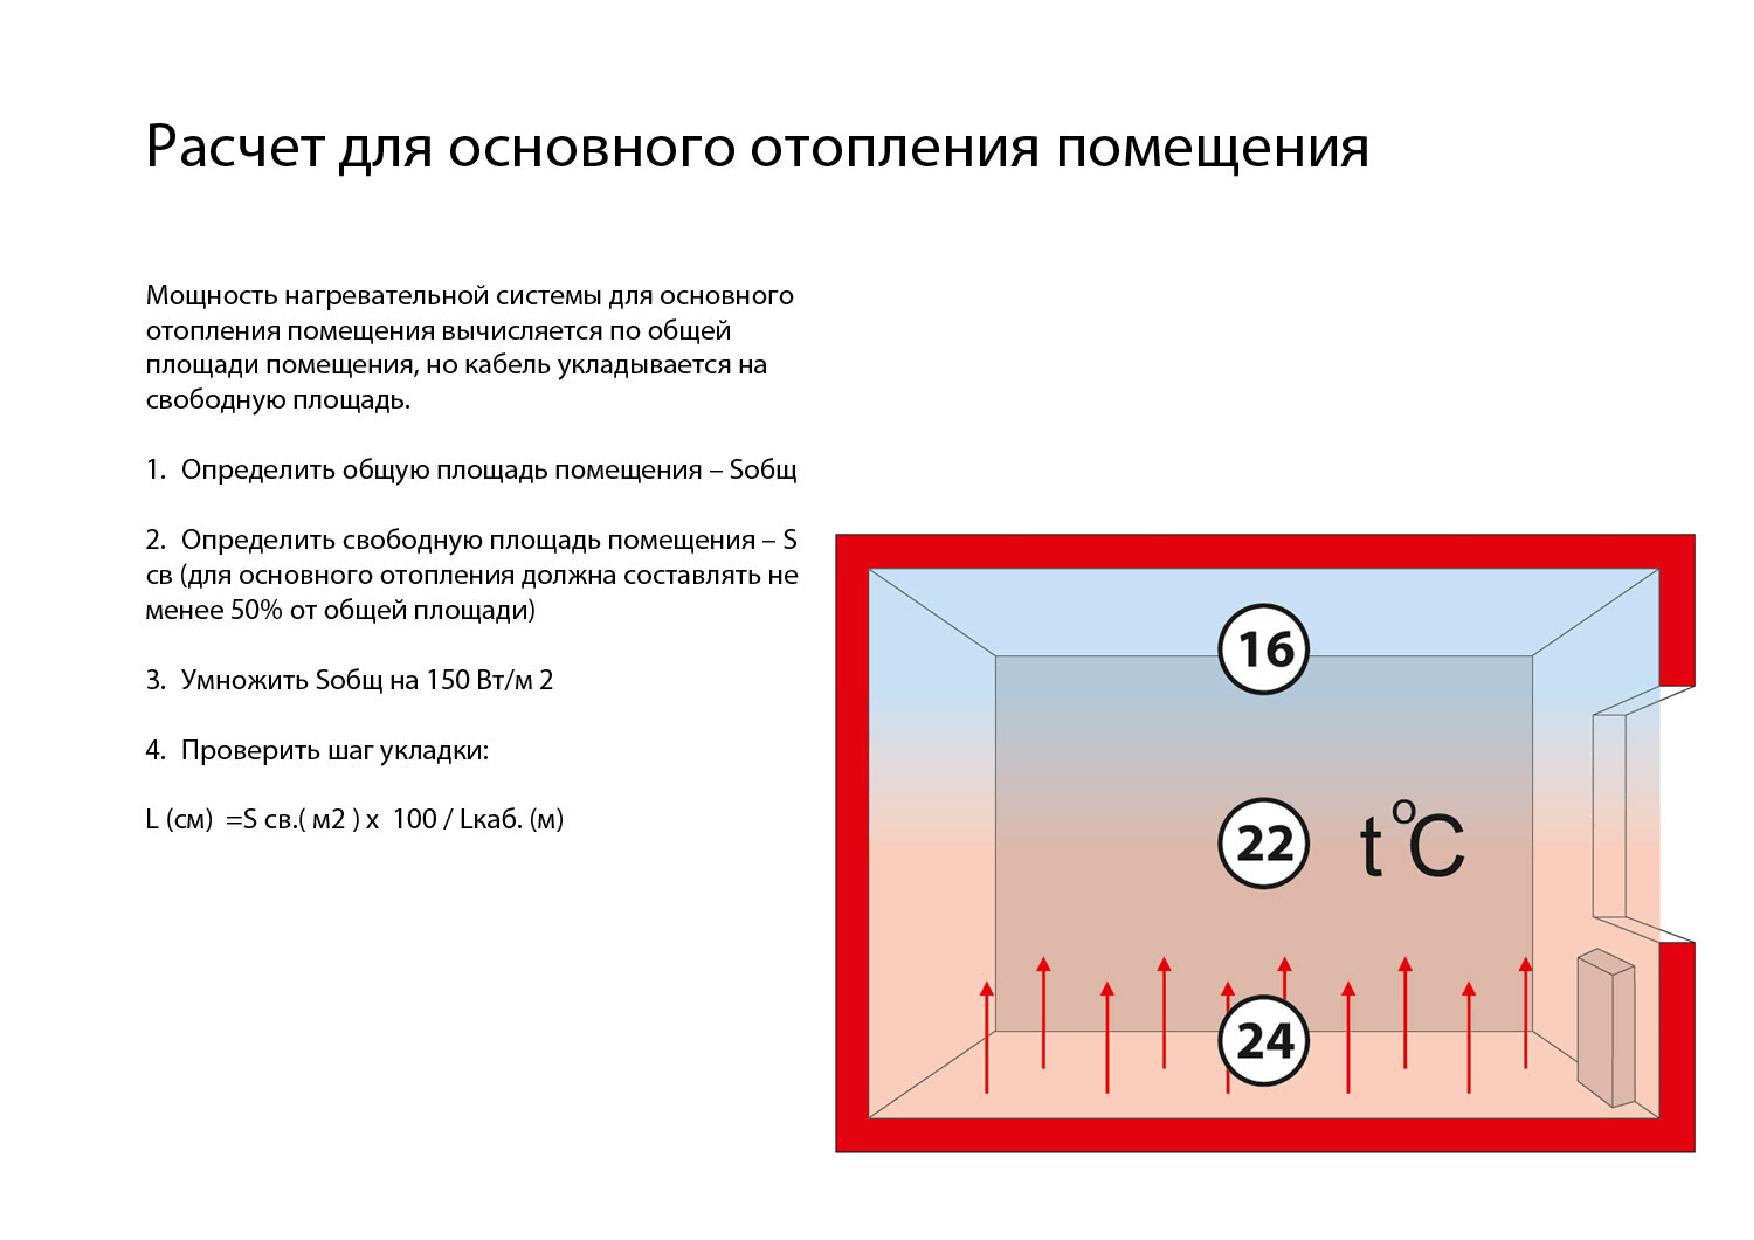 Raschet-dlya-osnovnogo-otopleniya-pomeshheniya